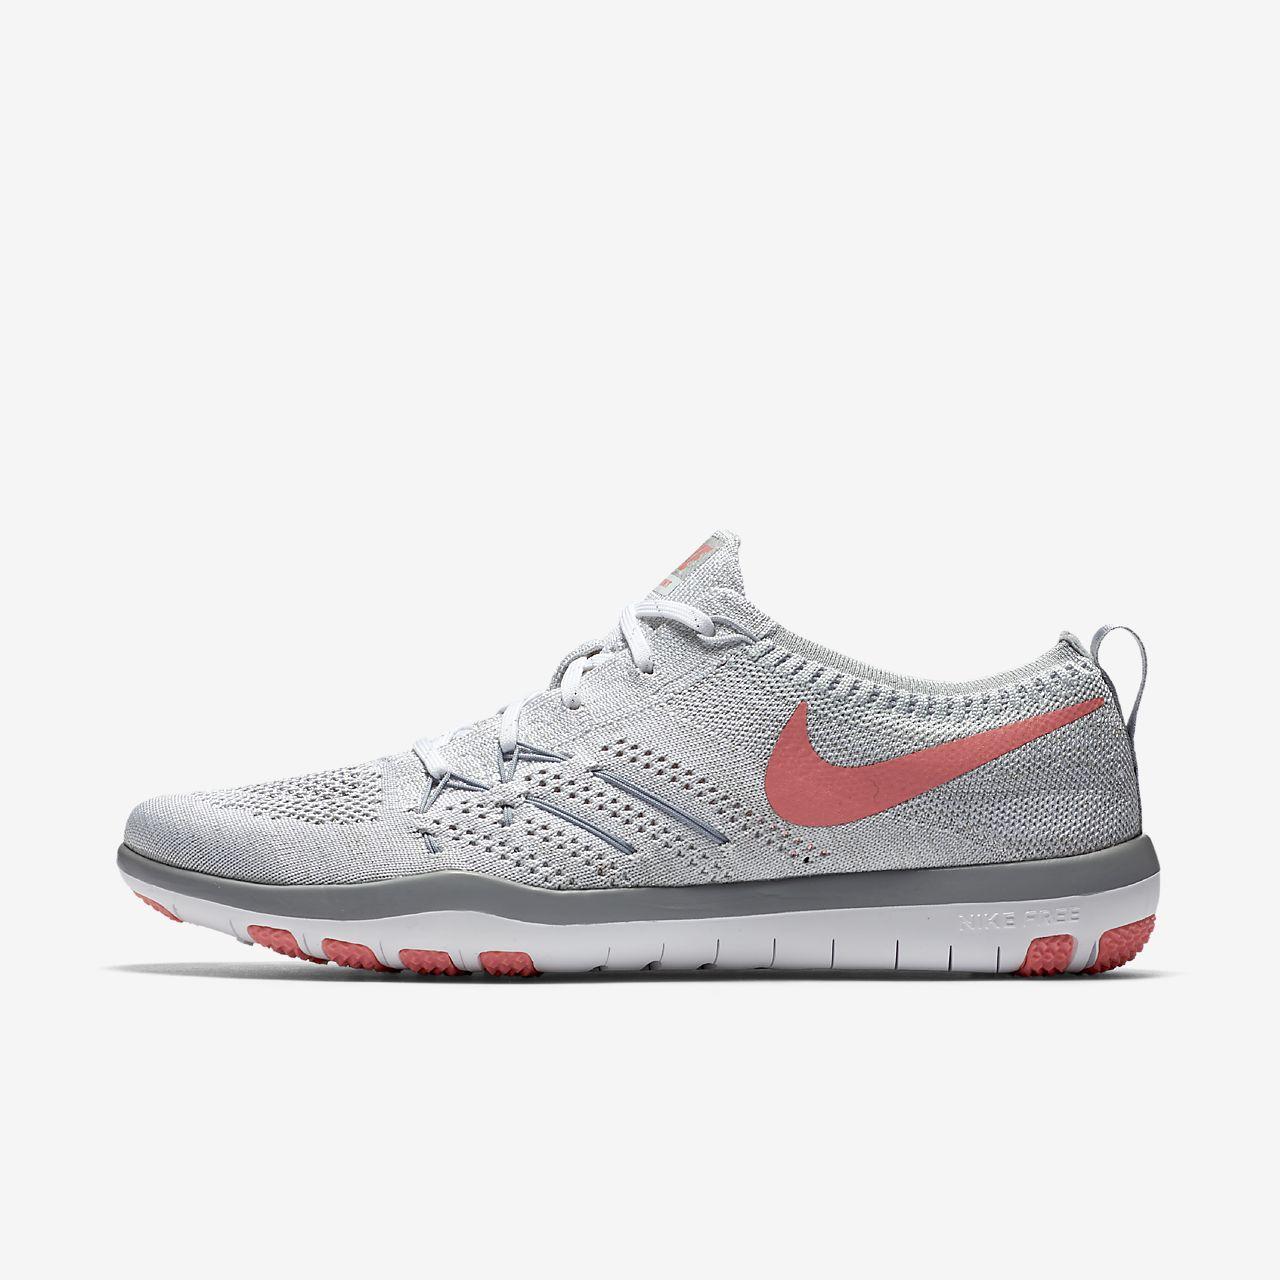 e9a1ecc768c6 Nike Free TR Focus Flyknit Womens Training Shoe .